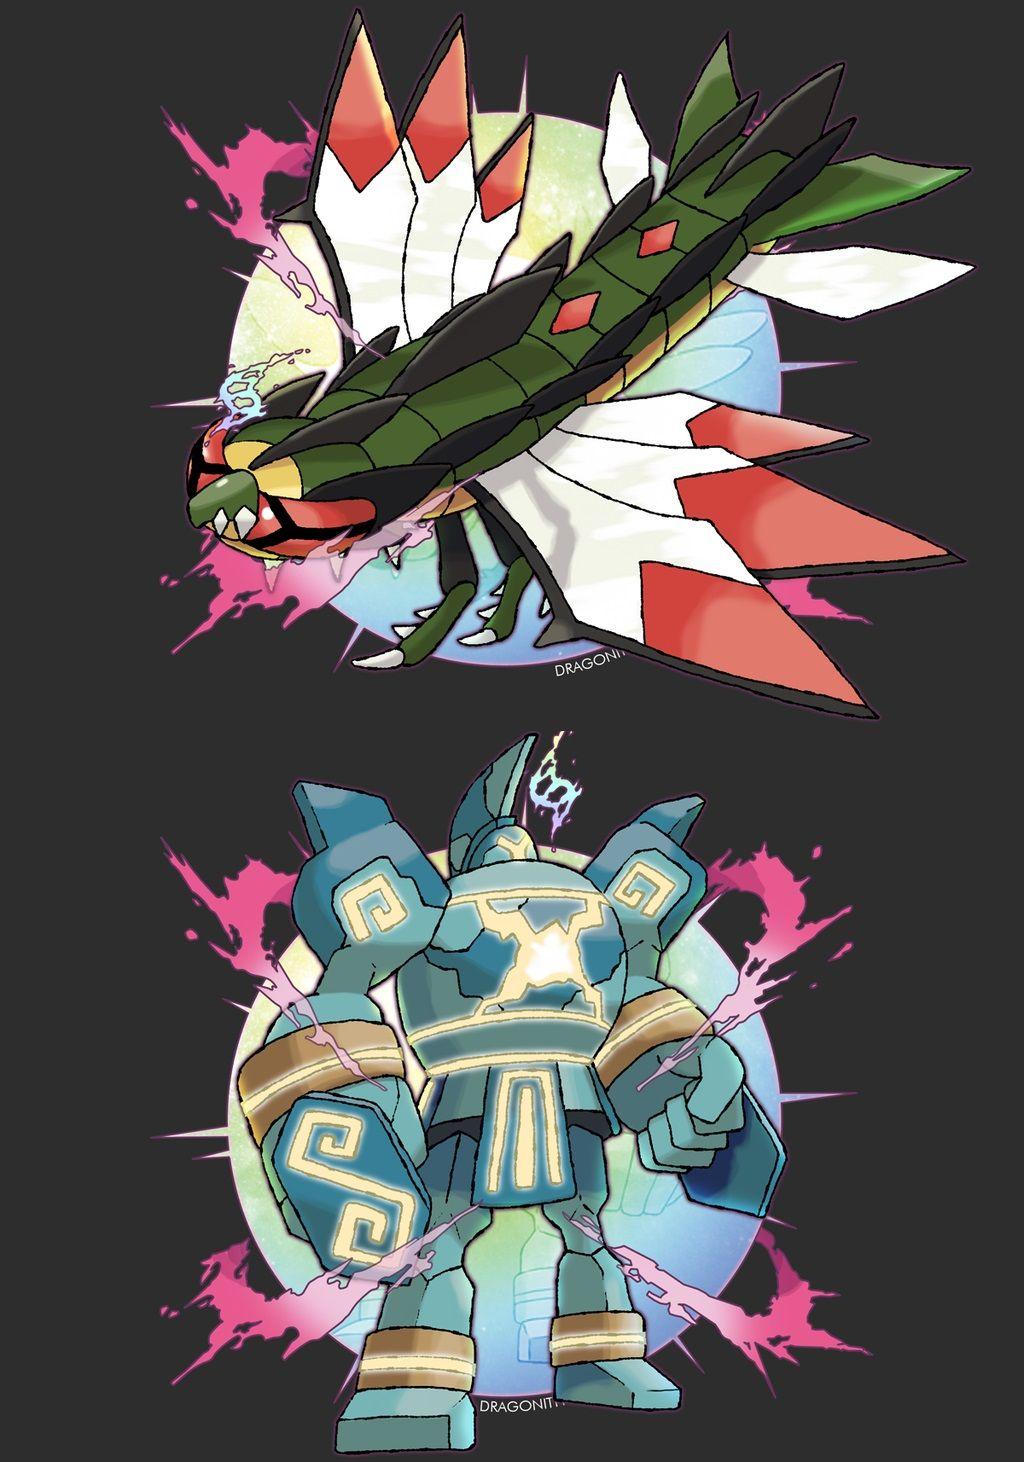 Related image pok mon pinterest mega evolution pok mon and evolution - Pokemon y mega evolution ...